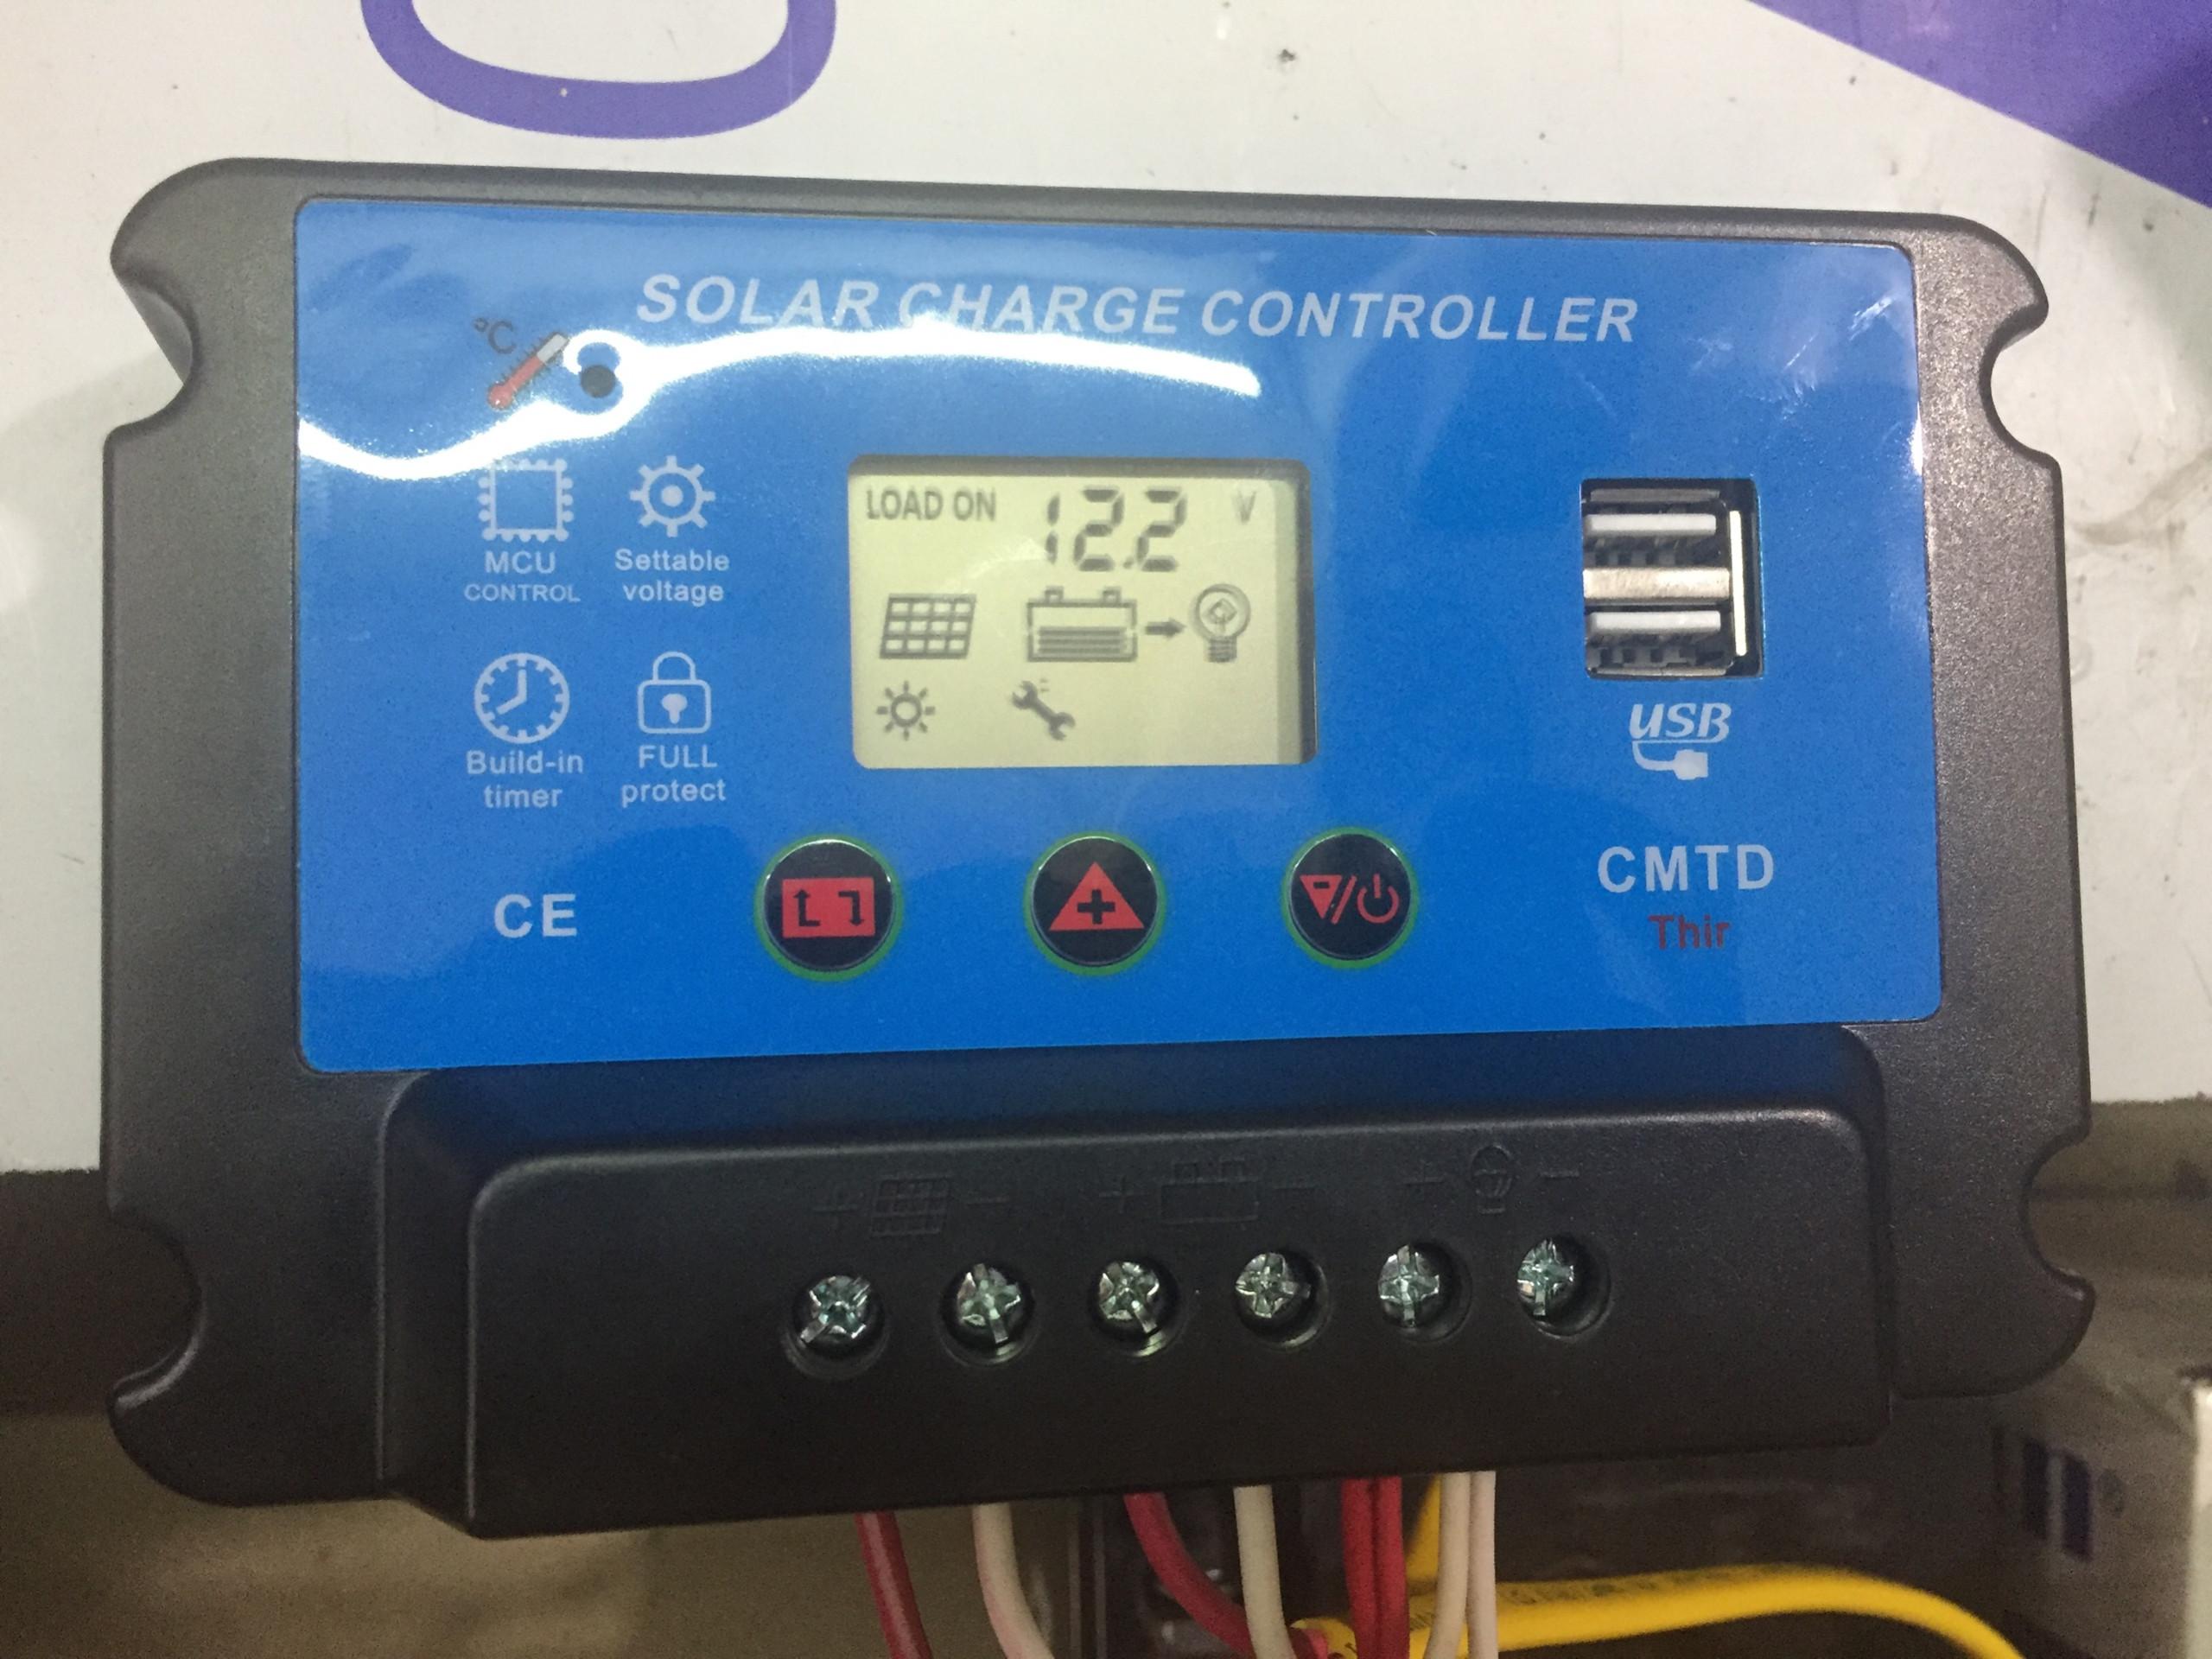 bộ điều khiển sạc solar charger controller